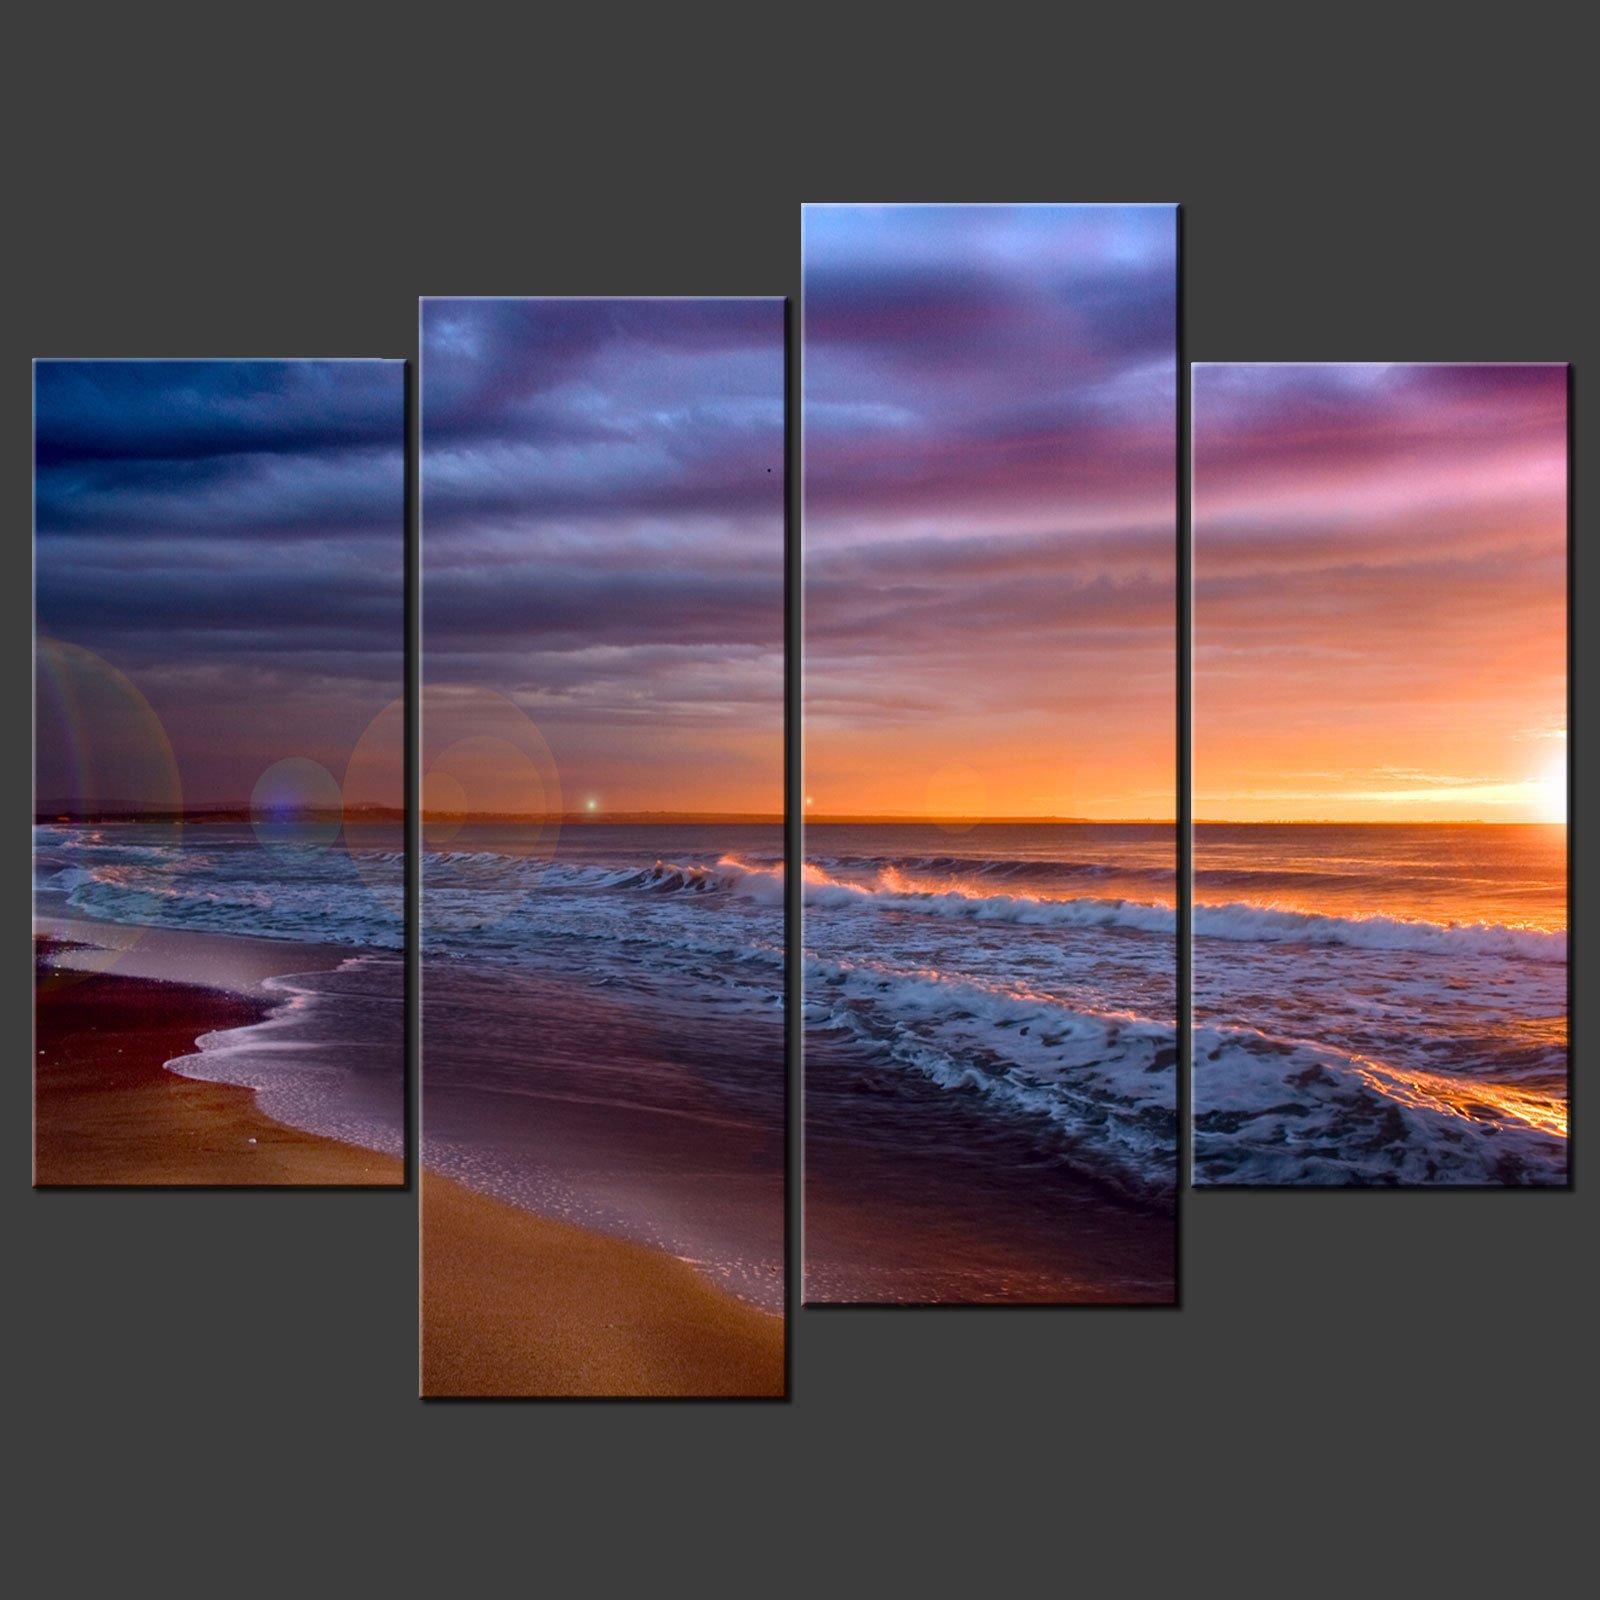 Beach Canvas Wall Art sunset beach blue split canvas wall art pictures prints larger